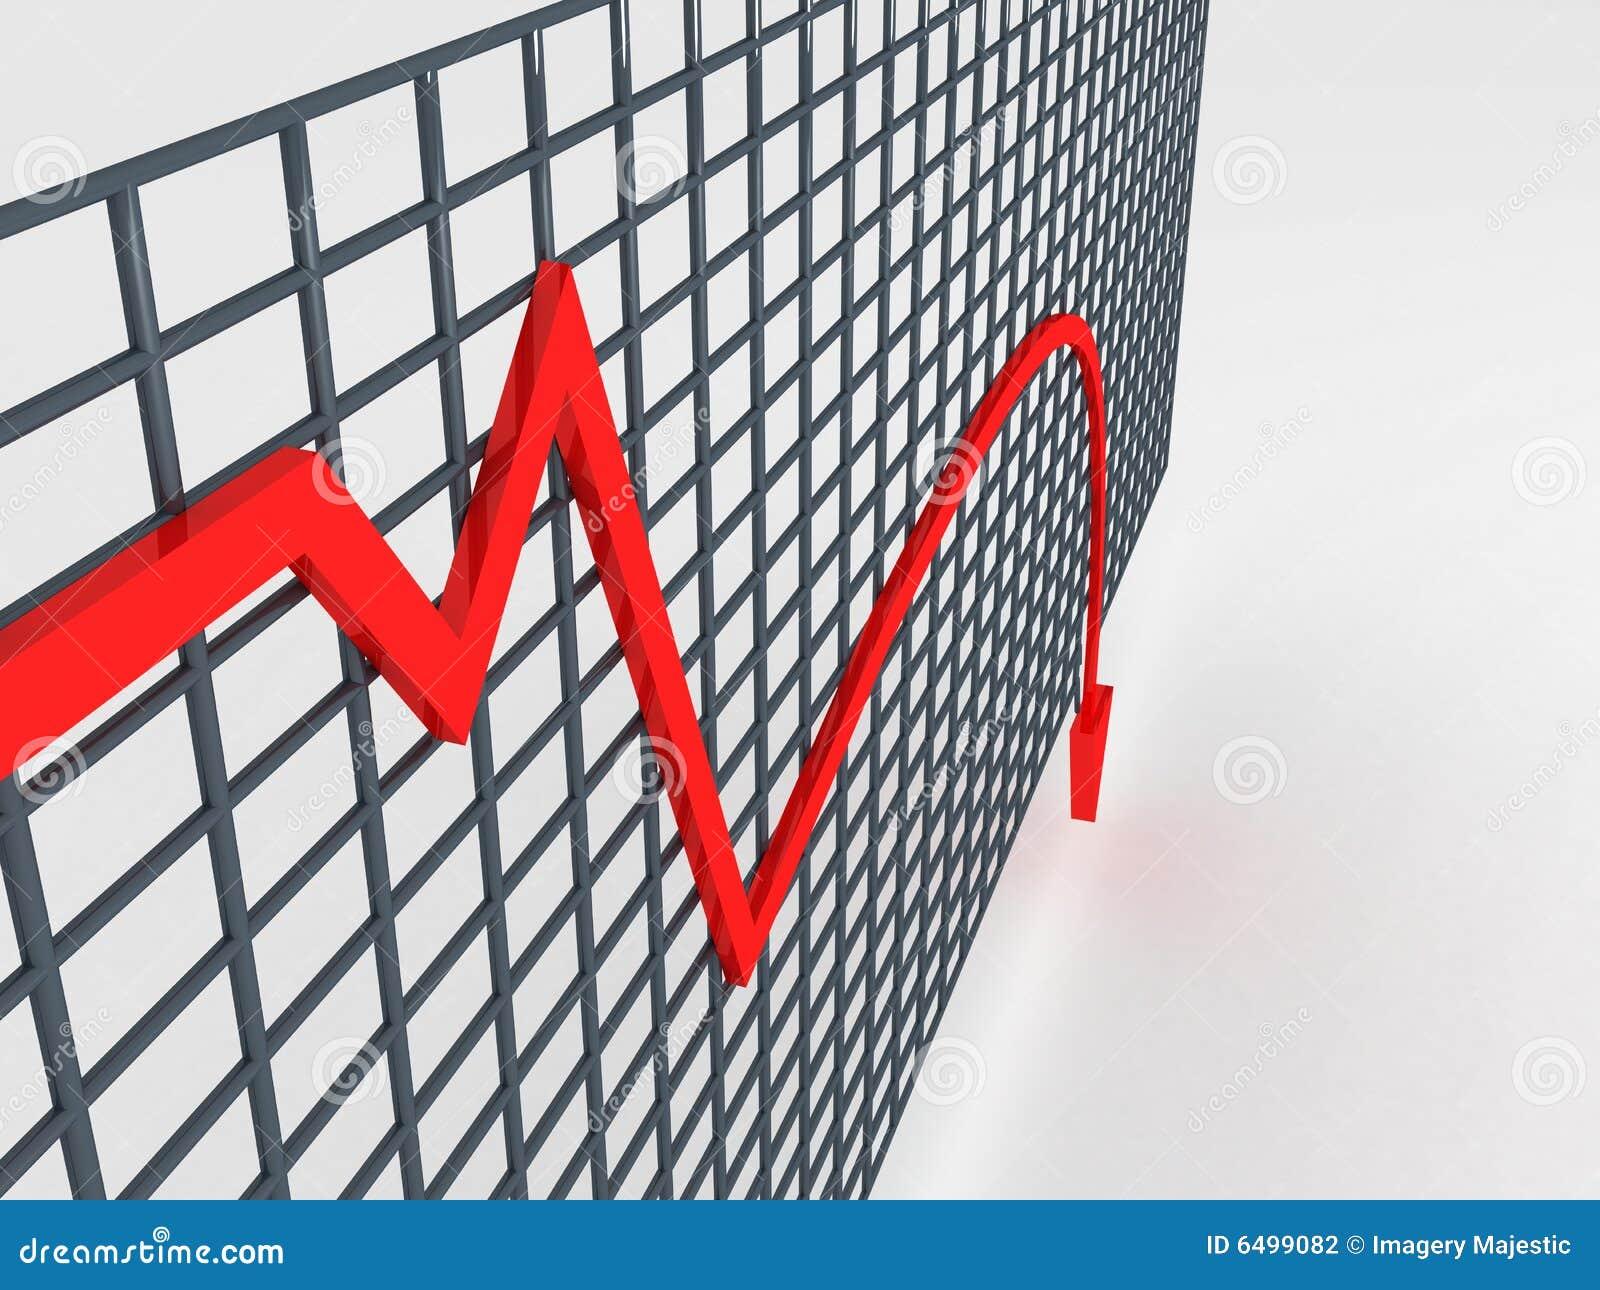 Malejący wykres